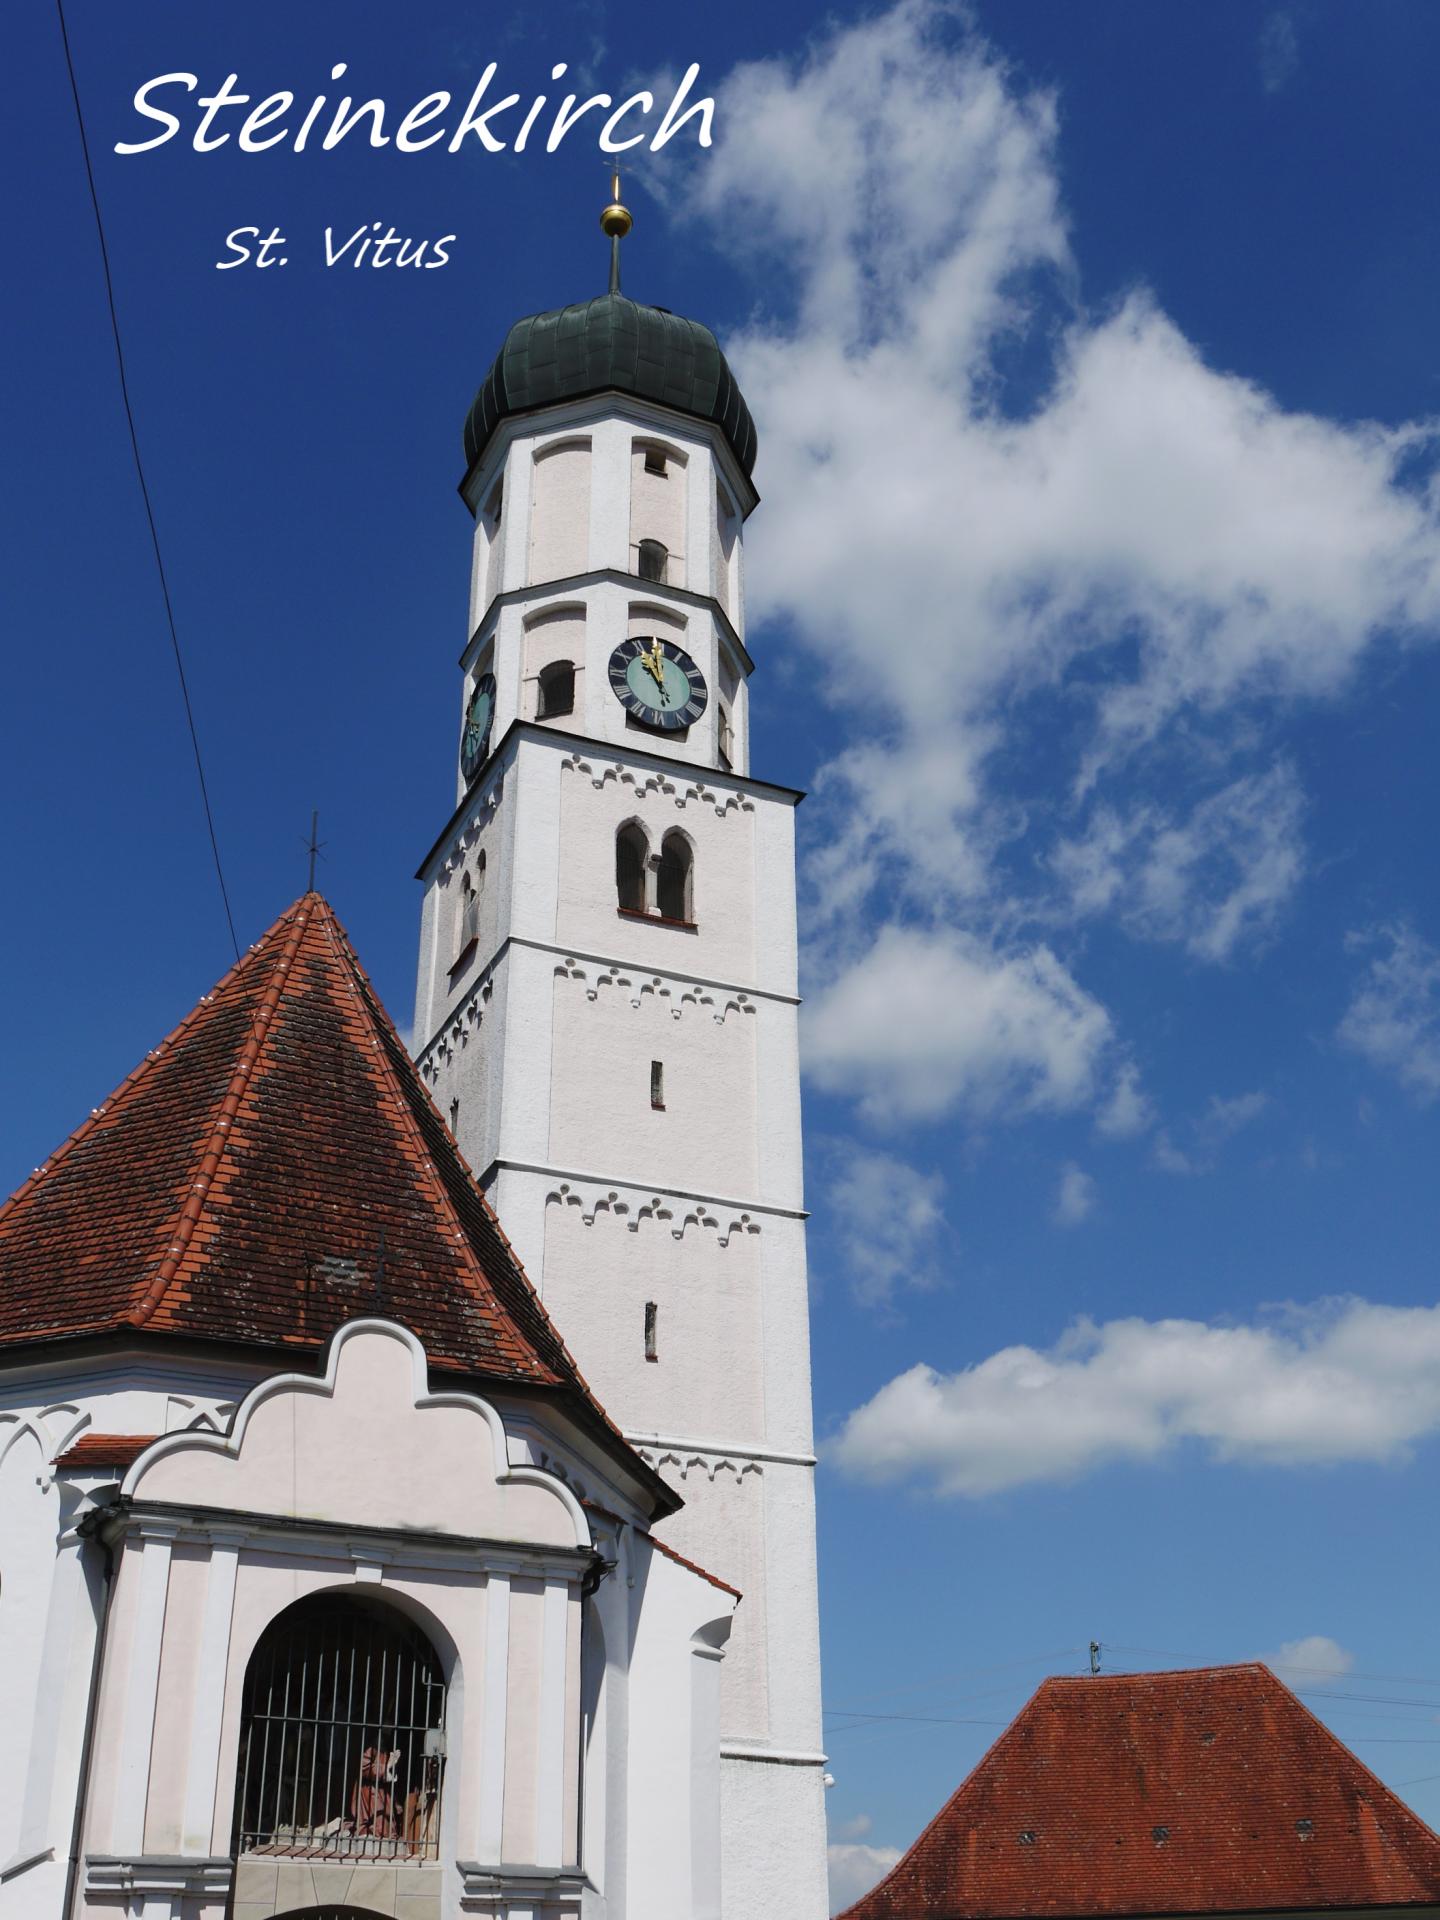 Steinekirch, Kirchturm St. Vitus; Foto: Max Trometer